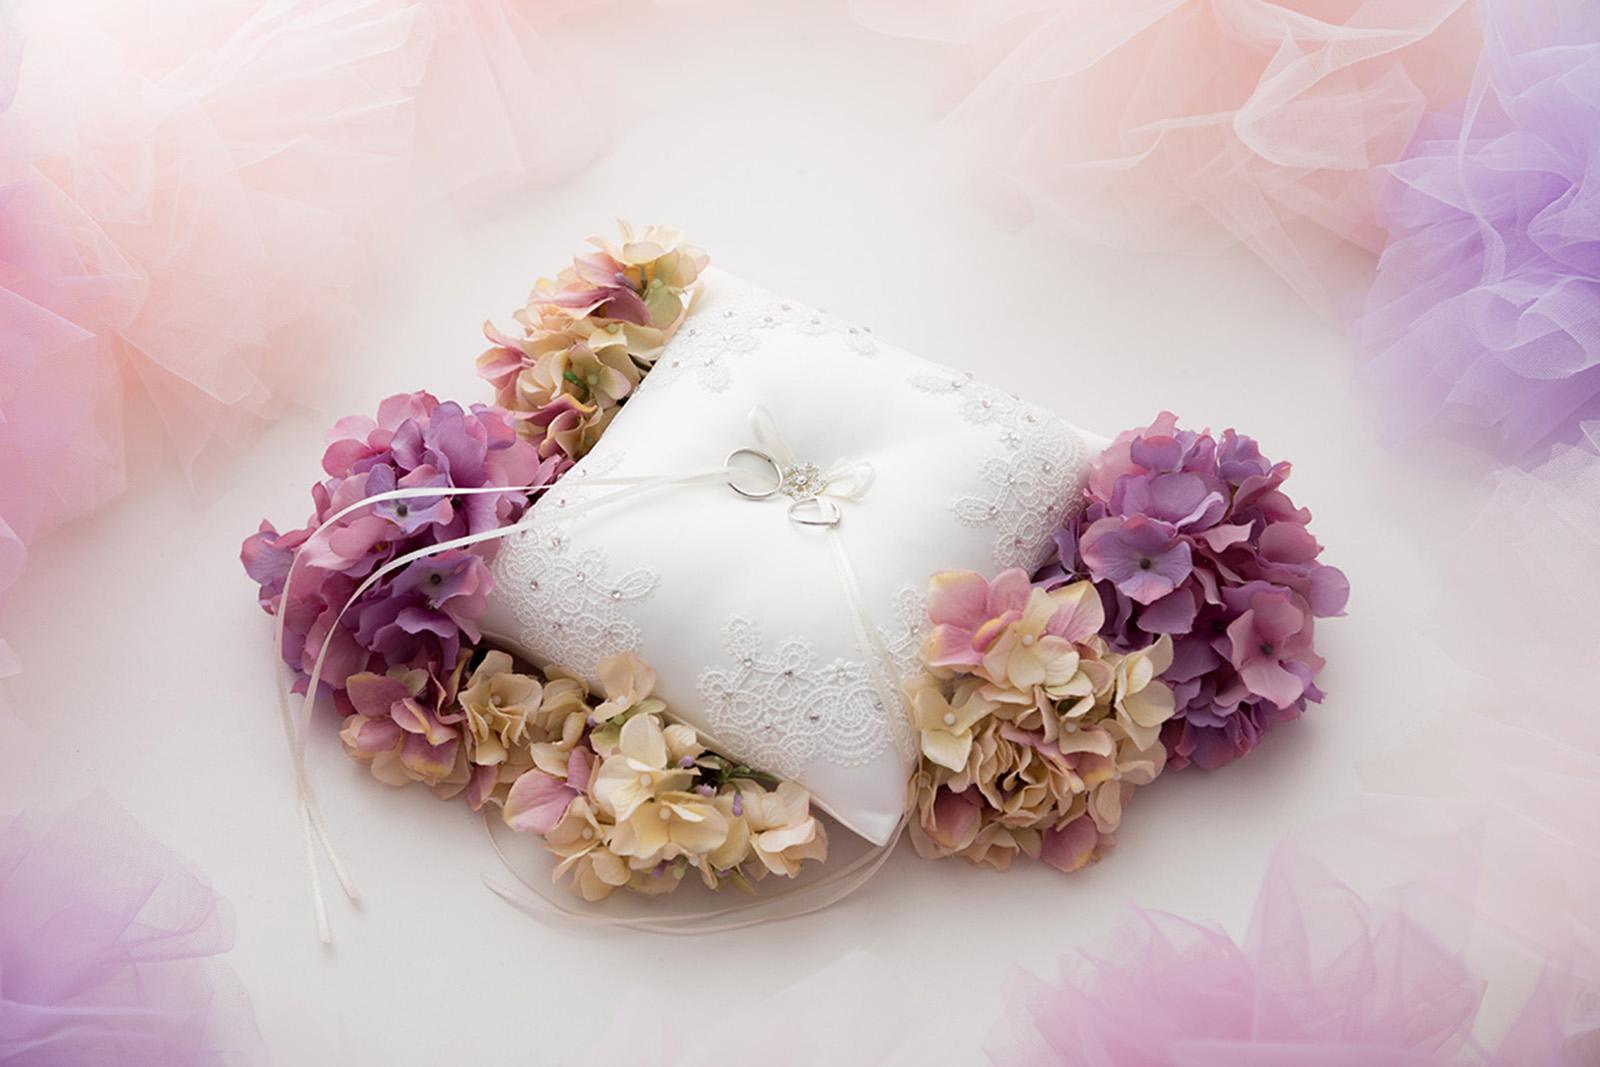 オフホワイト リングピロー リング 指輪 結婚式 挙式 チャペル レース ストーン 石 ビジューNOA0001